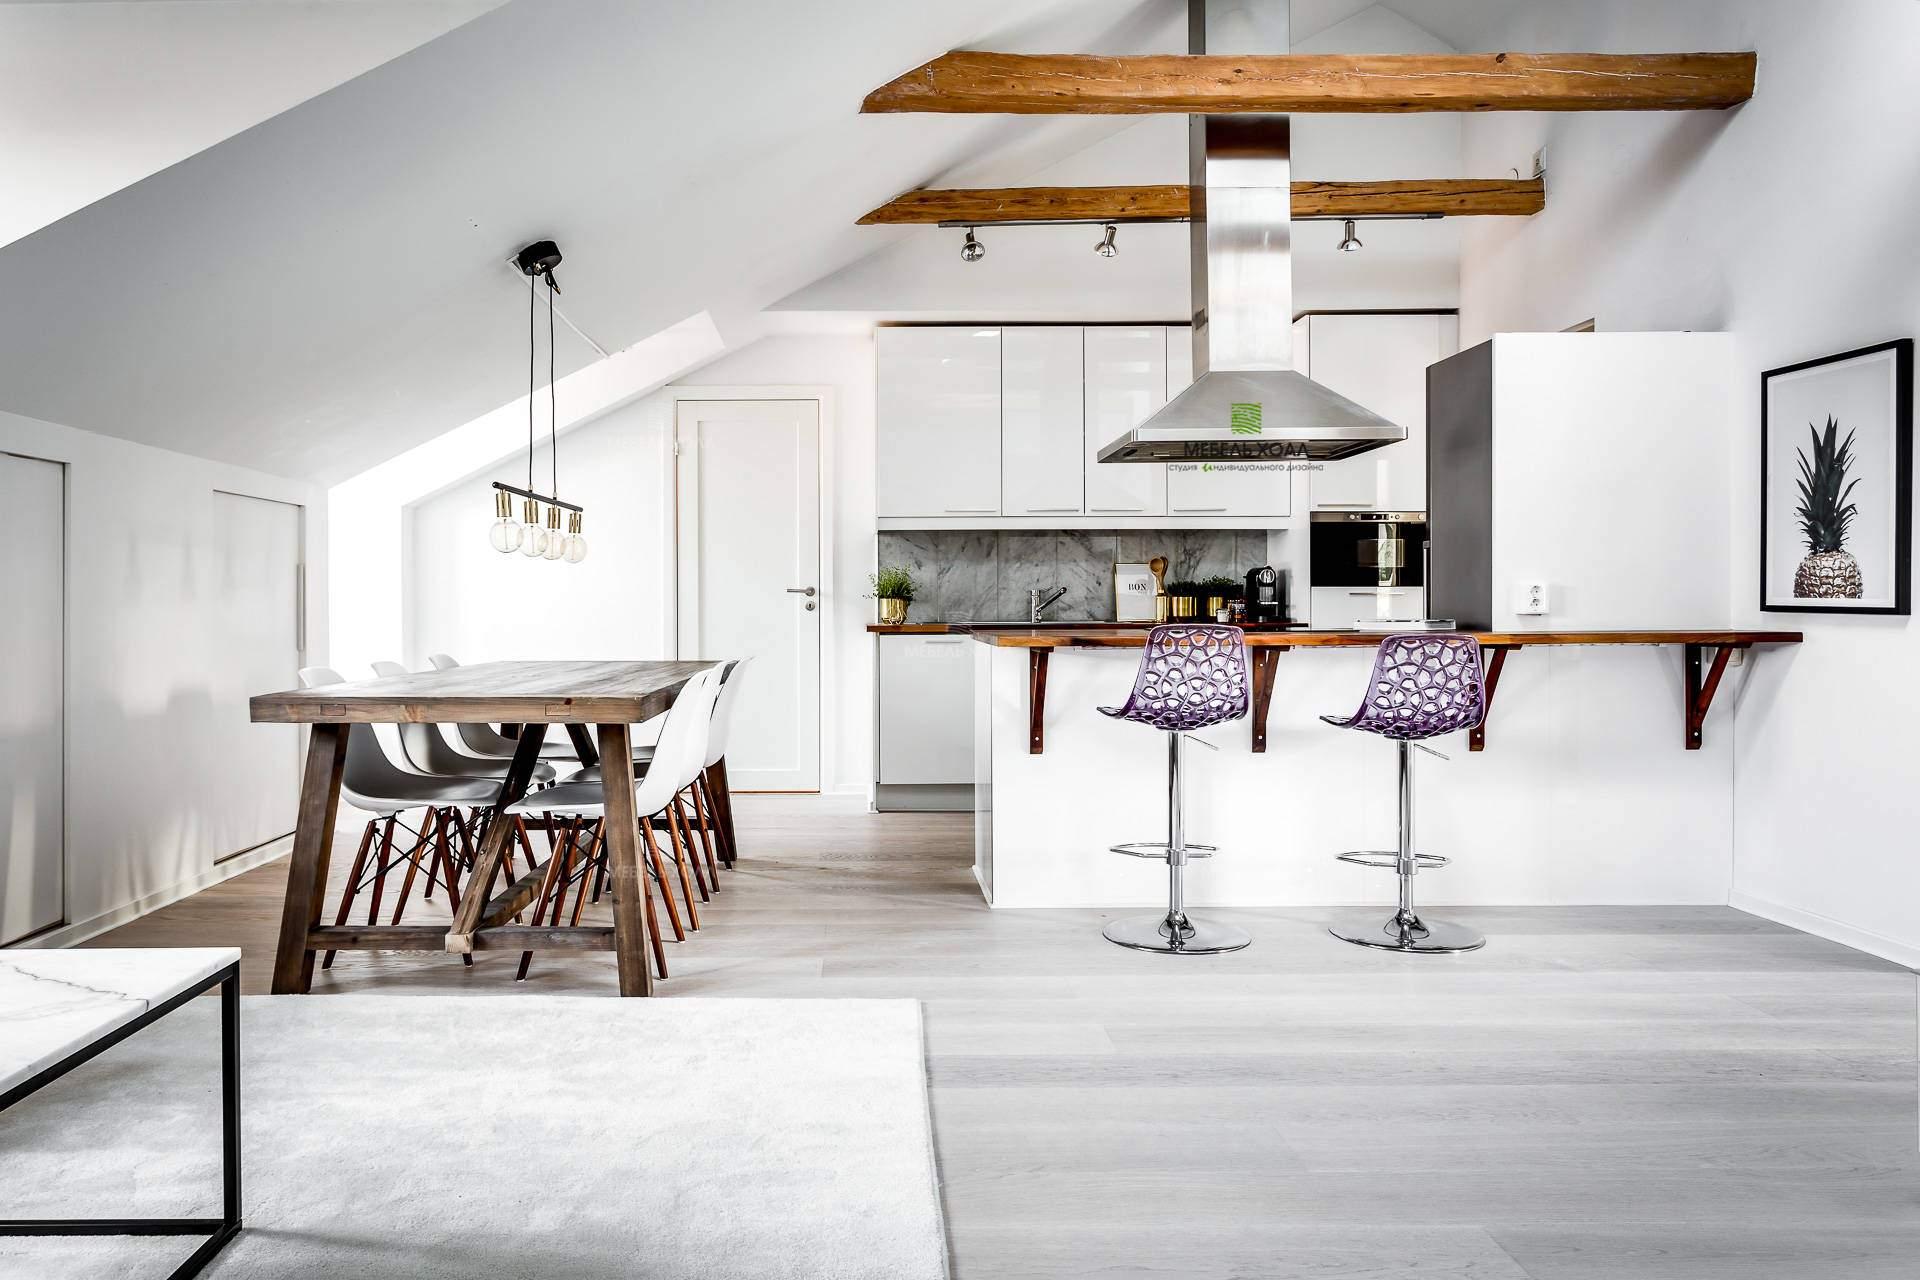 Как организовать кухонное пространство? Делаем кухню умной